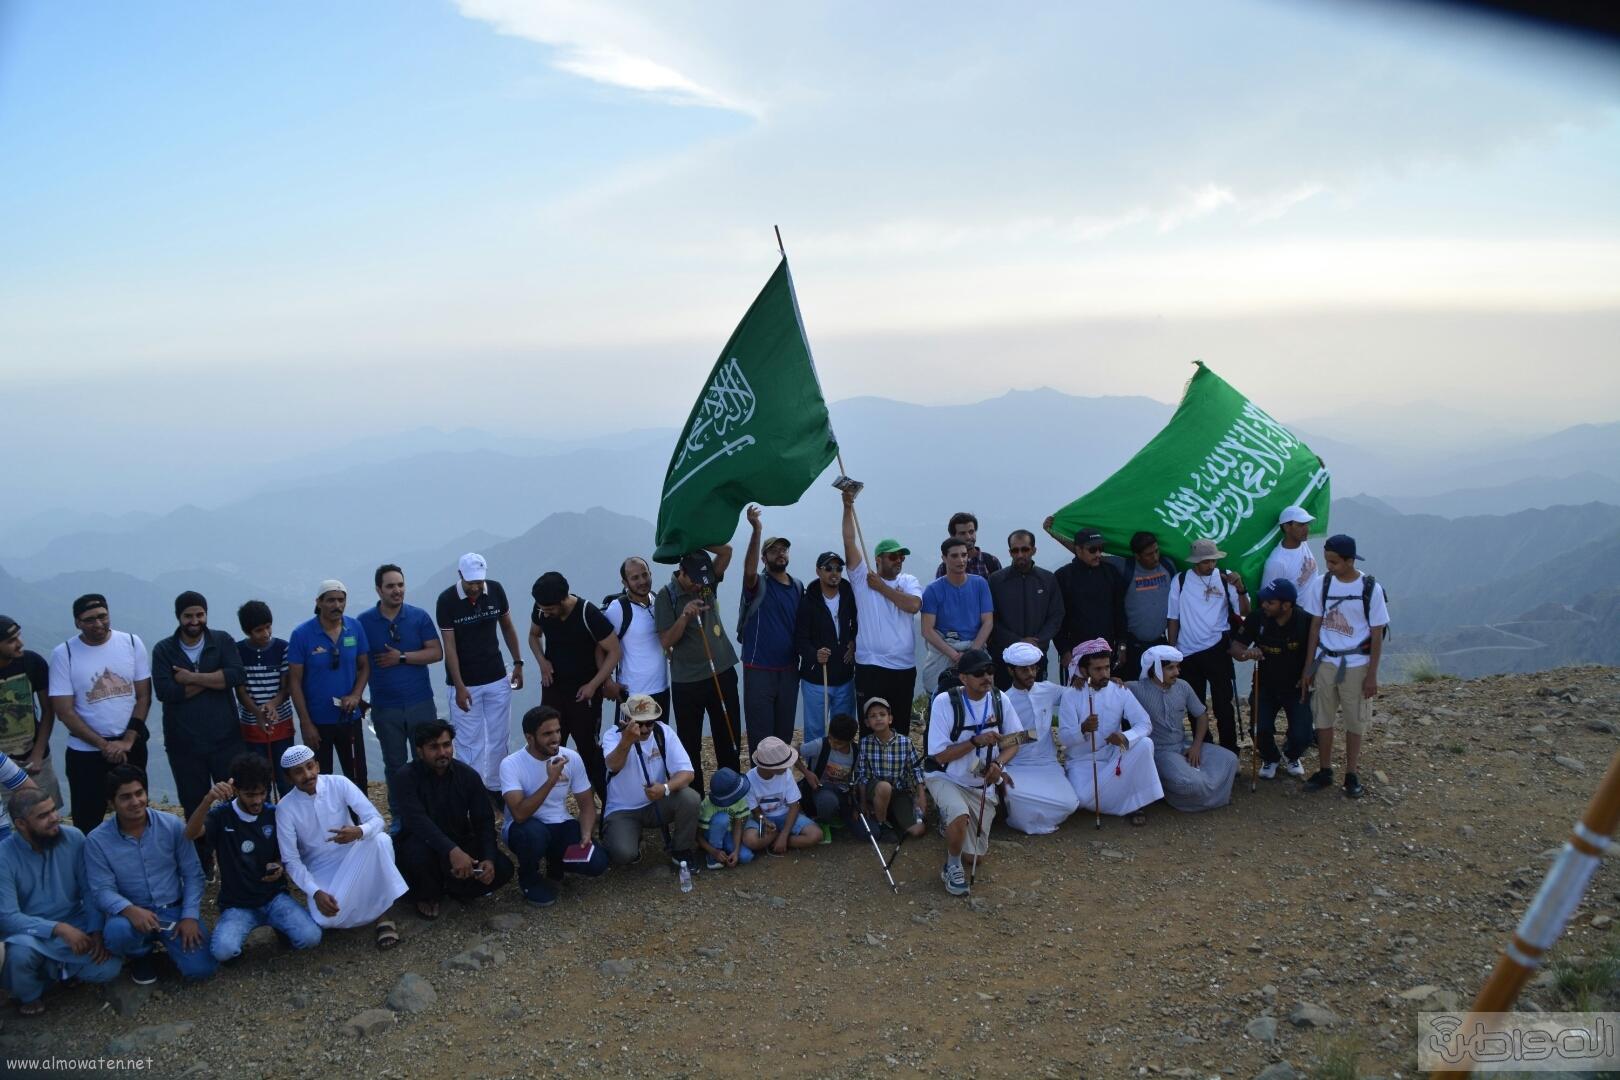 رفع علم السعودية في اعلى قمةعن طريق فريق هايكنج السعودية (4)